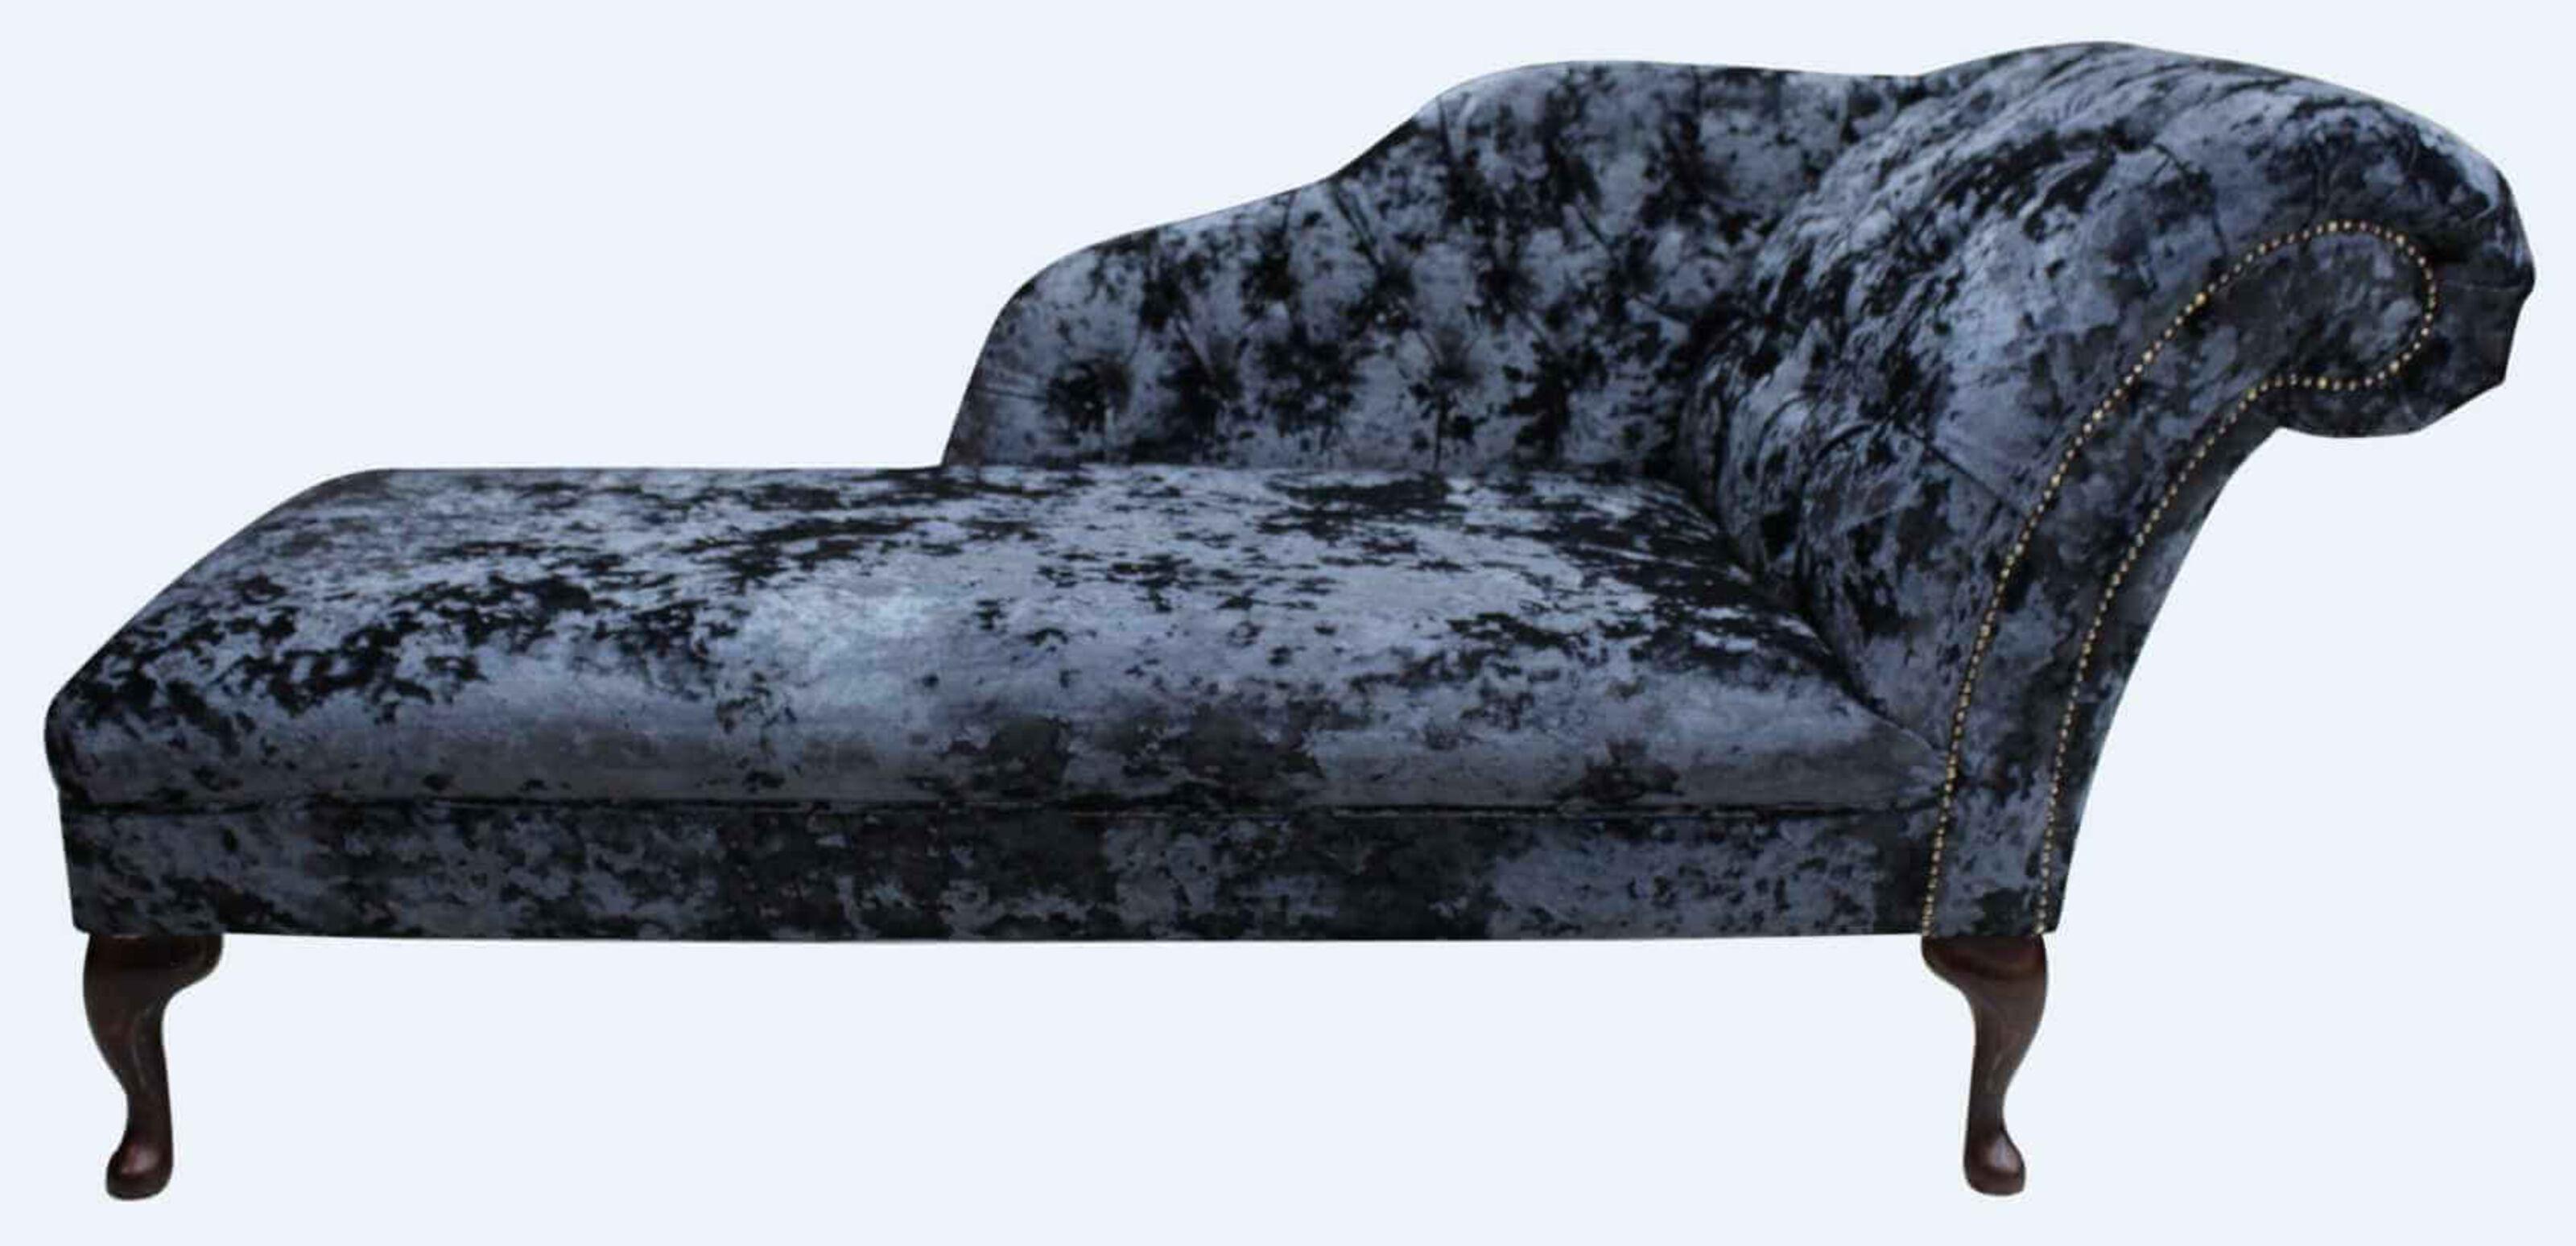 Chesterfield Velvet Chaise Lounge Day Bed Lustro Night Black Velvet